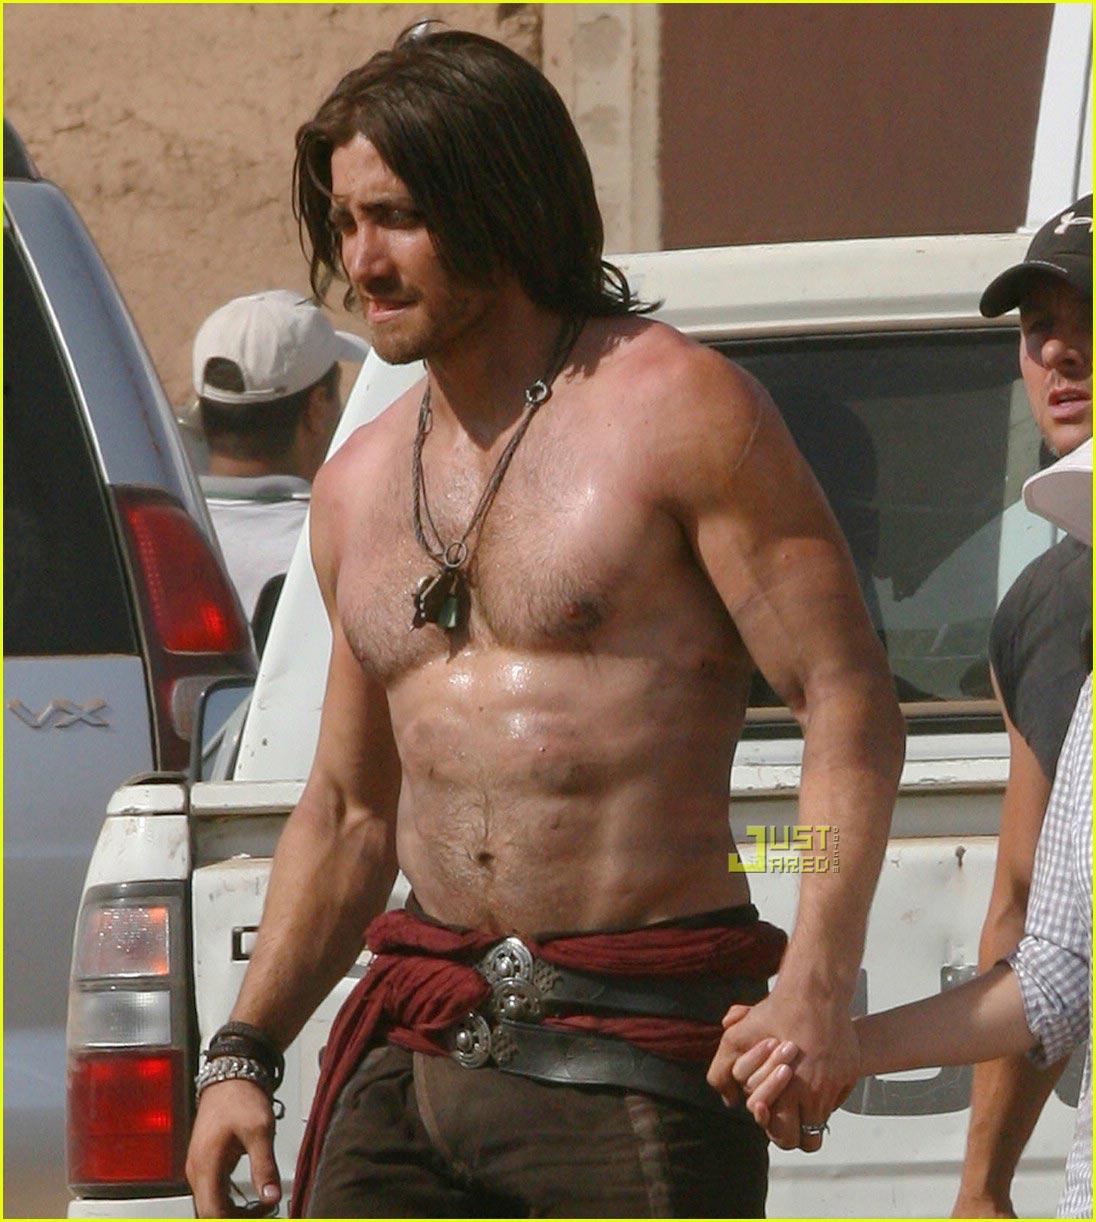 Príncipe de Persia Jake Gyllenhaal Dastan